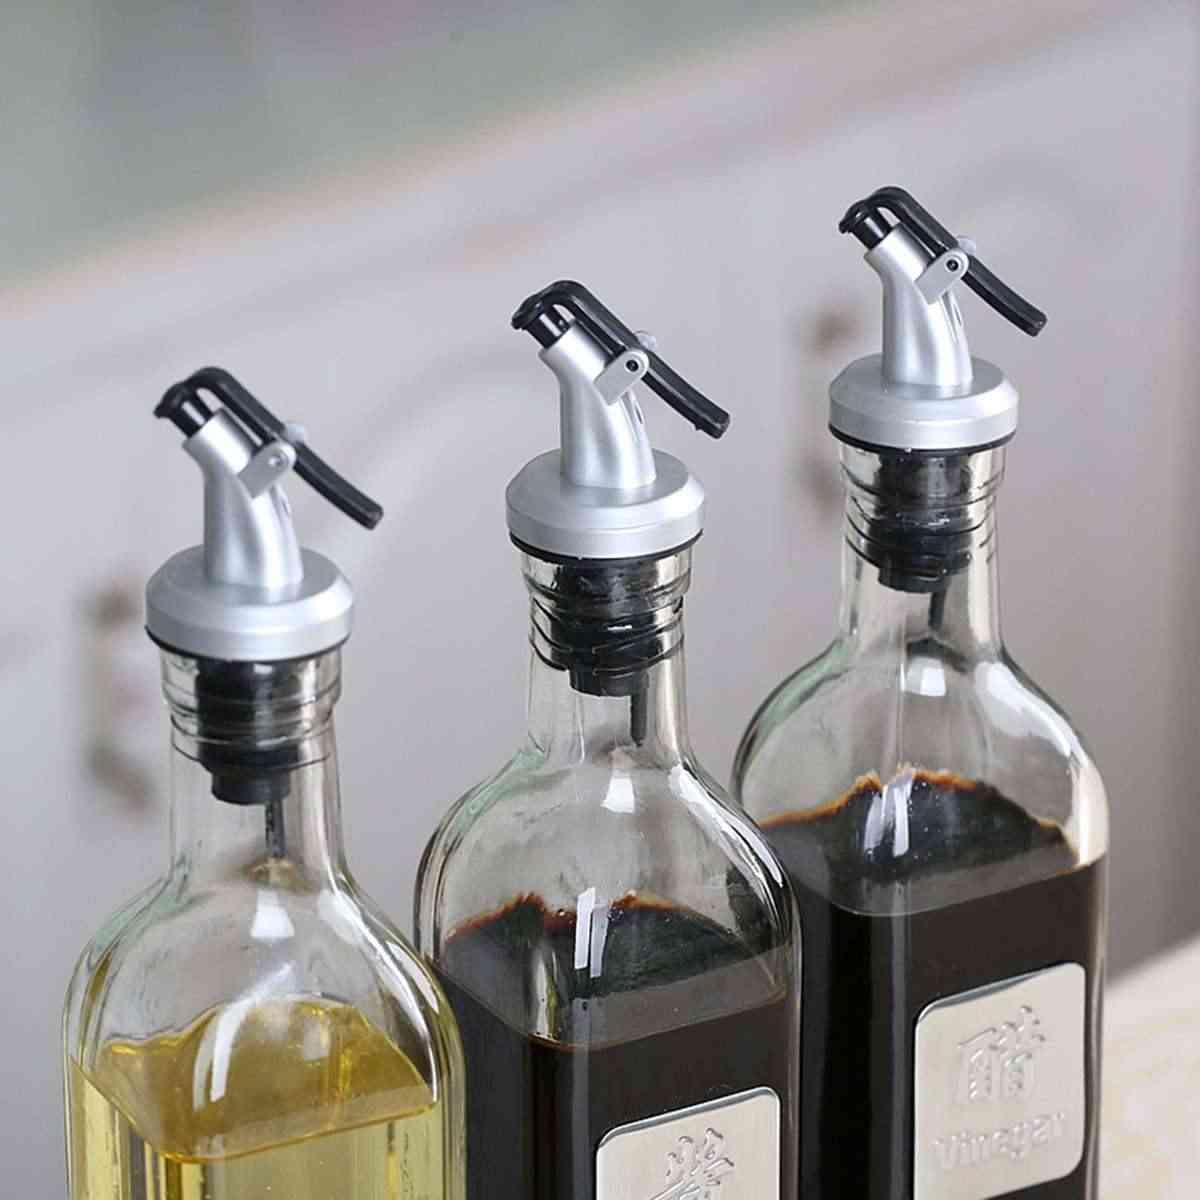 ถั่วเหลืองซอส/น้ำส้มสายชู/ไวน์หัวฉีดหัวฉีดแบบ LeakProof ครัวซอสขวดน้ำมันหัวฉีด Sprayer น้ำส้มสายชู Pour Spout CAP stopper